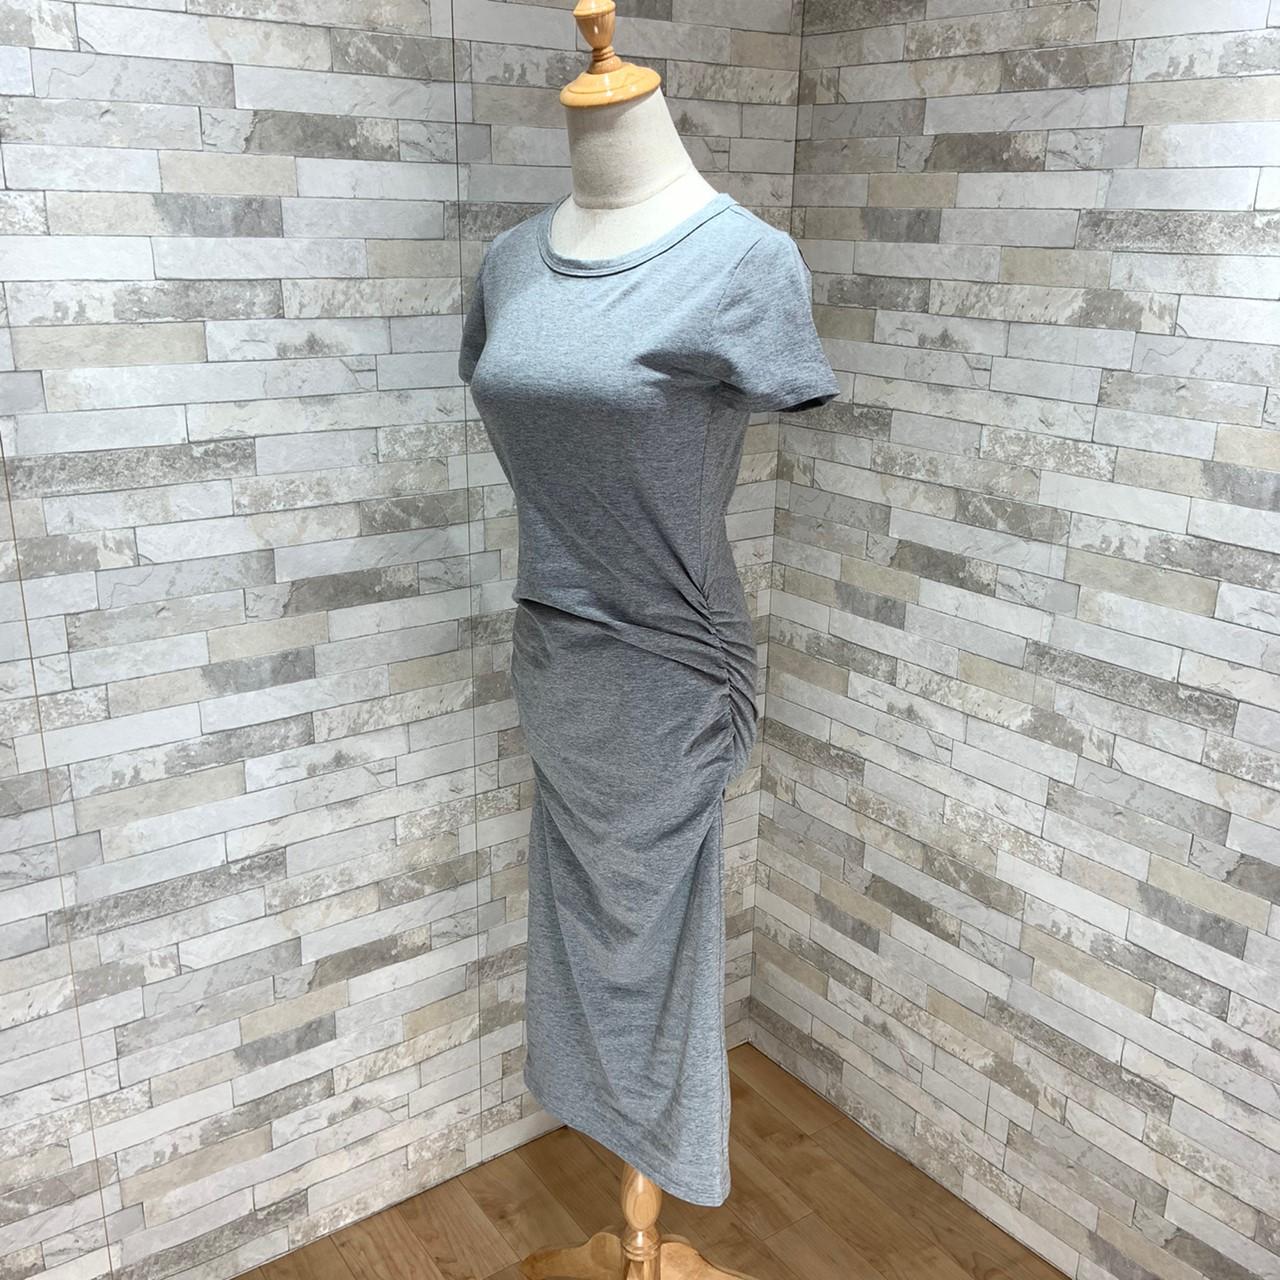 【即納】韓国 ファッション ワンピース 春 夏 カジュアル SPTXA748  リゾートワンピース ハワイ Tシャツ Tワンピ カットソー スポーティー ストリー オルチャン シンプル 定番 セレカジの写真11枚目